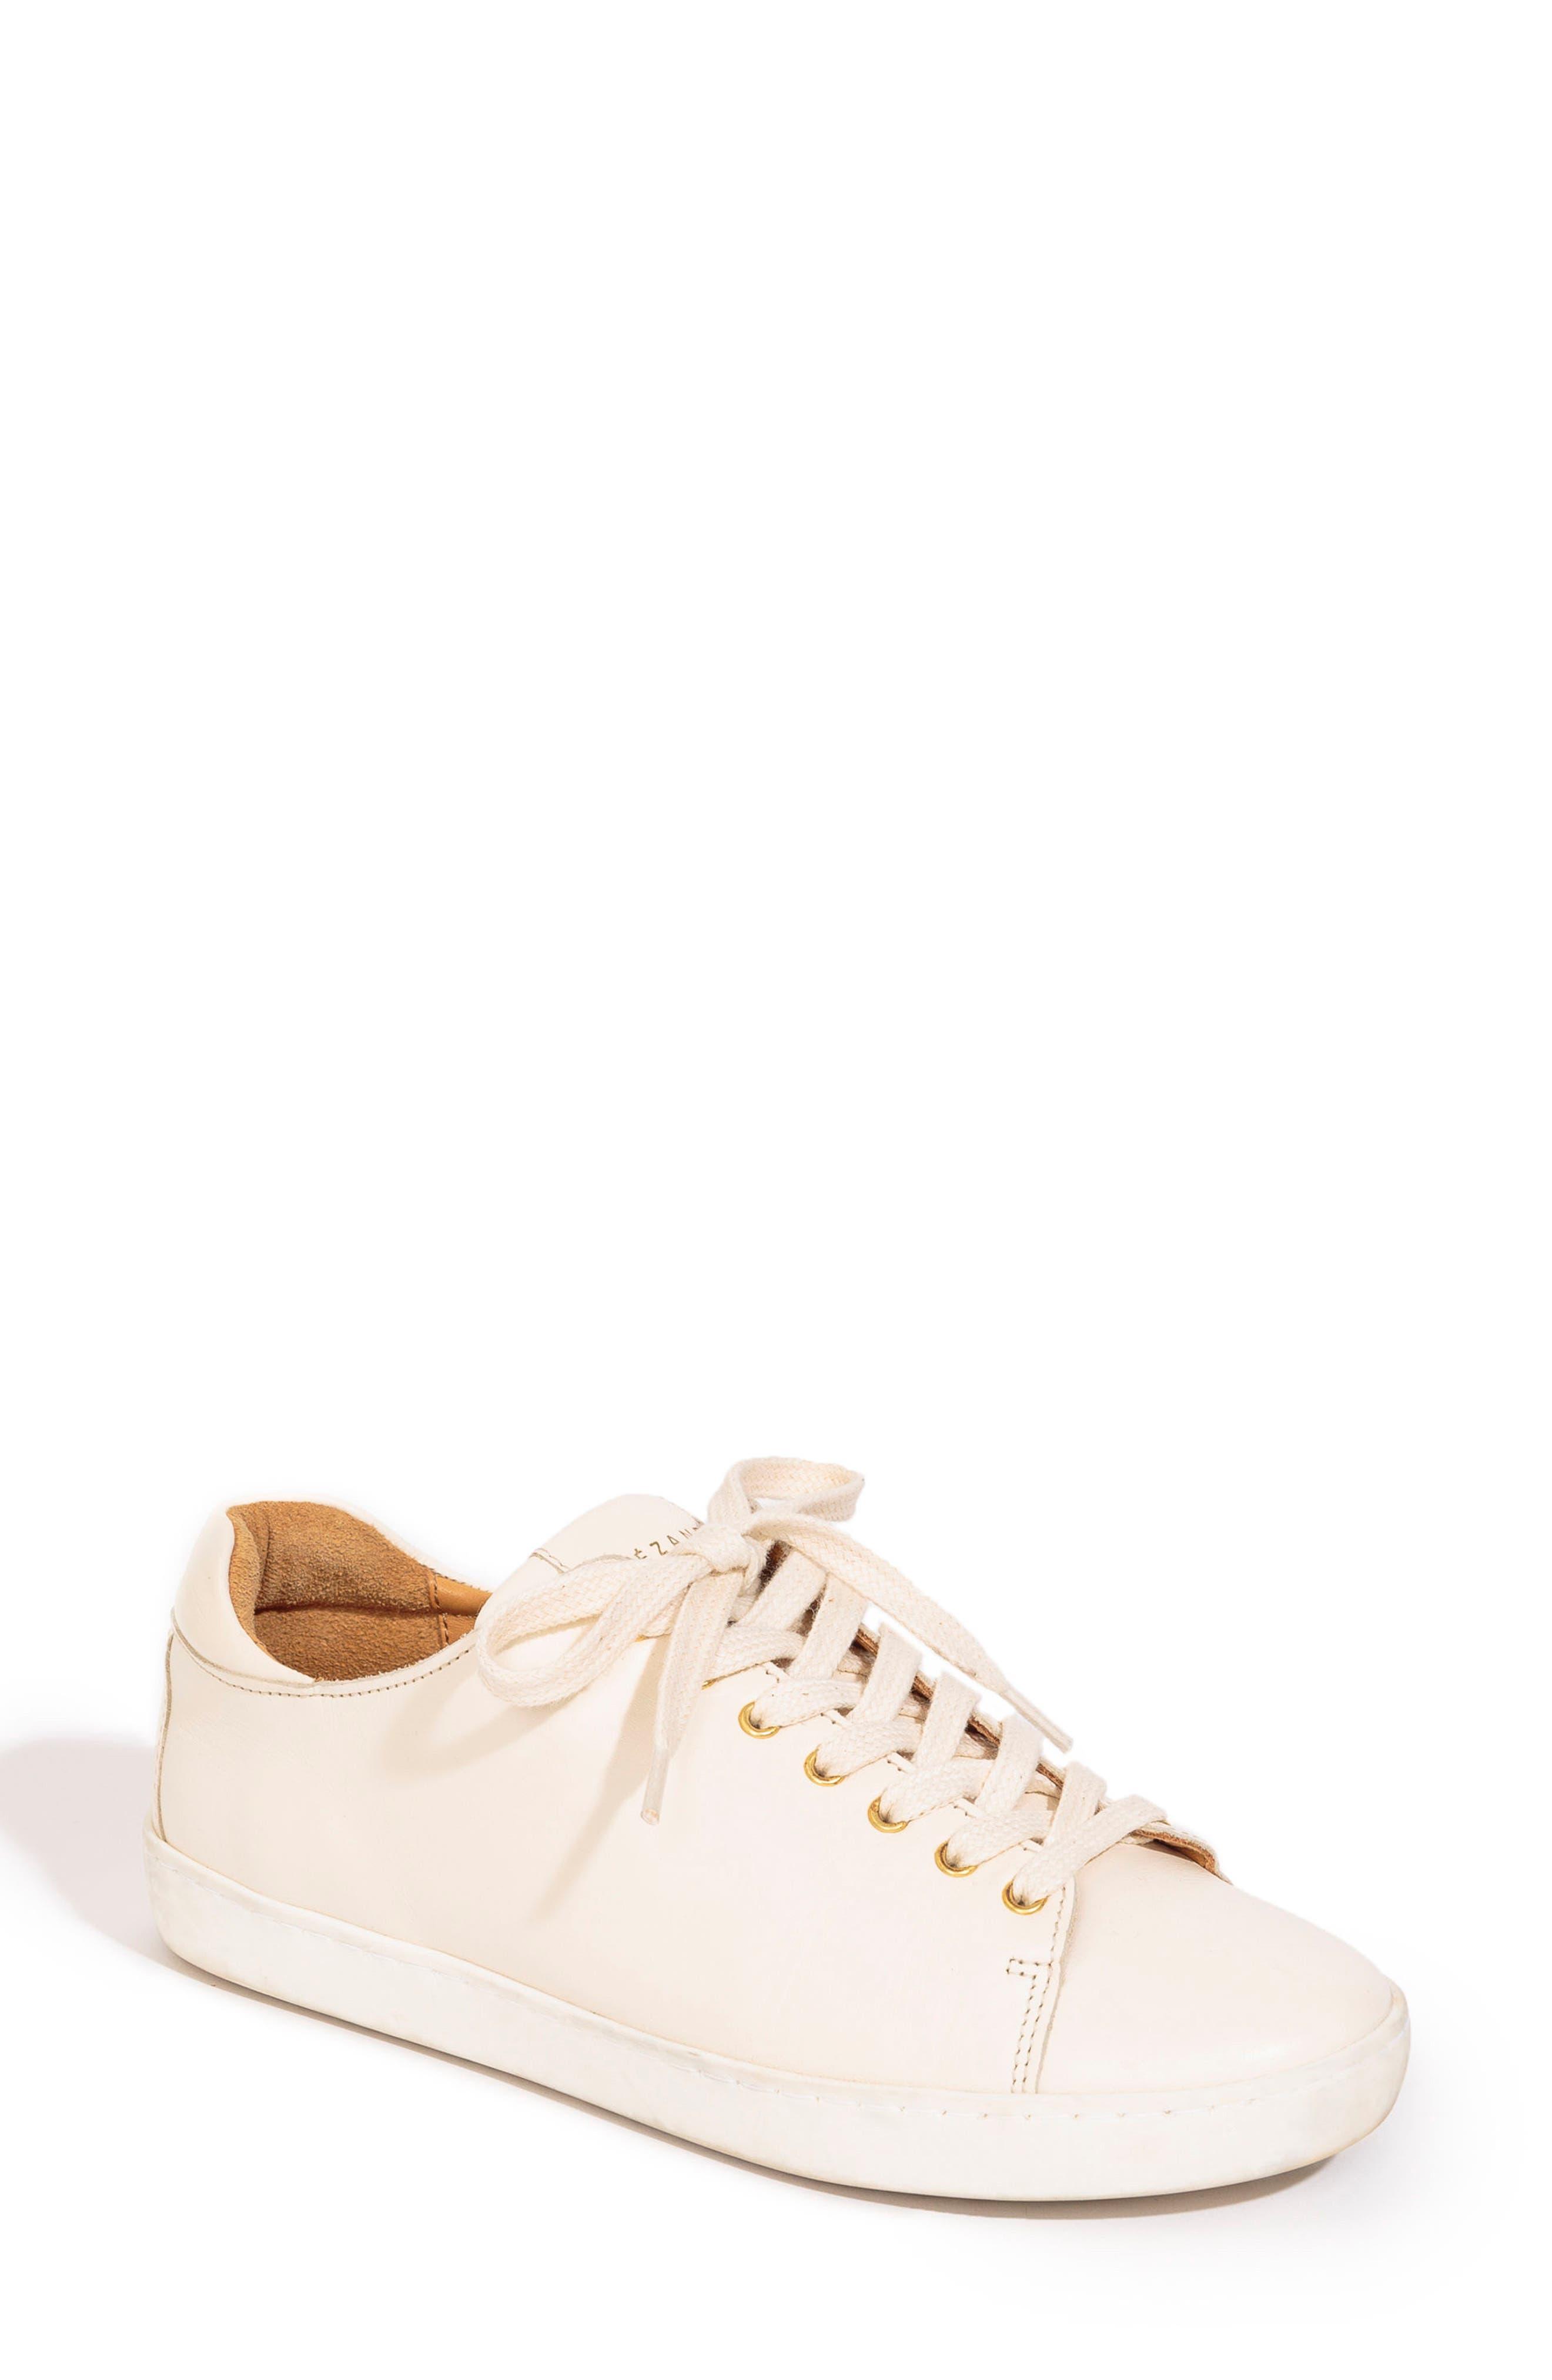 Sézane Jack Sneaker (Women)